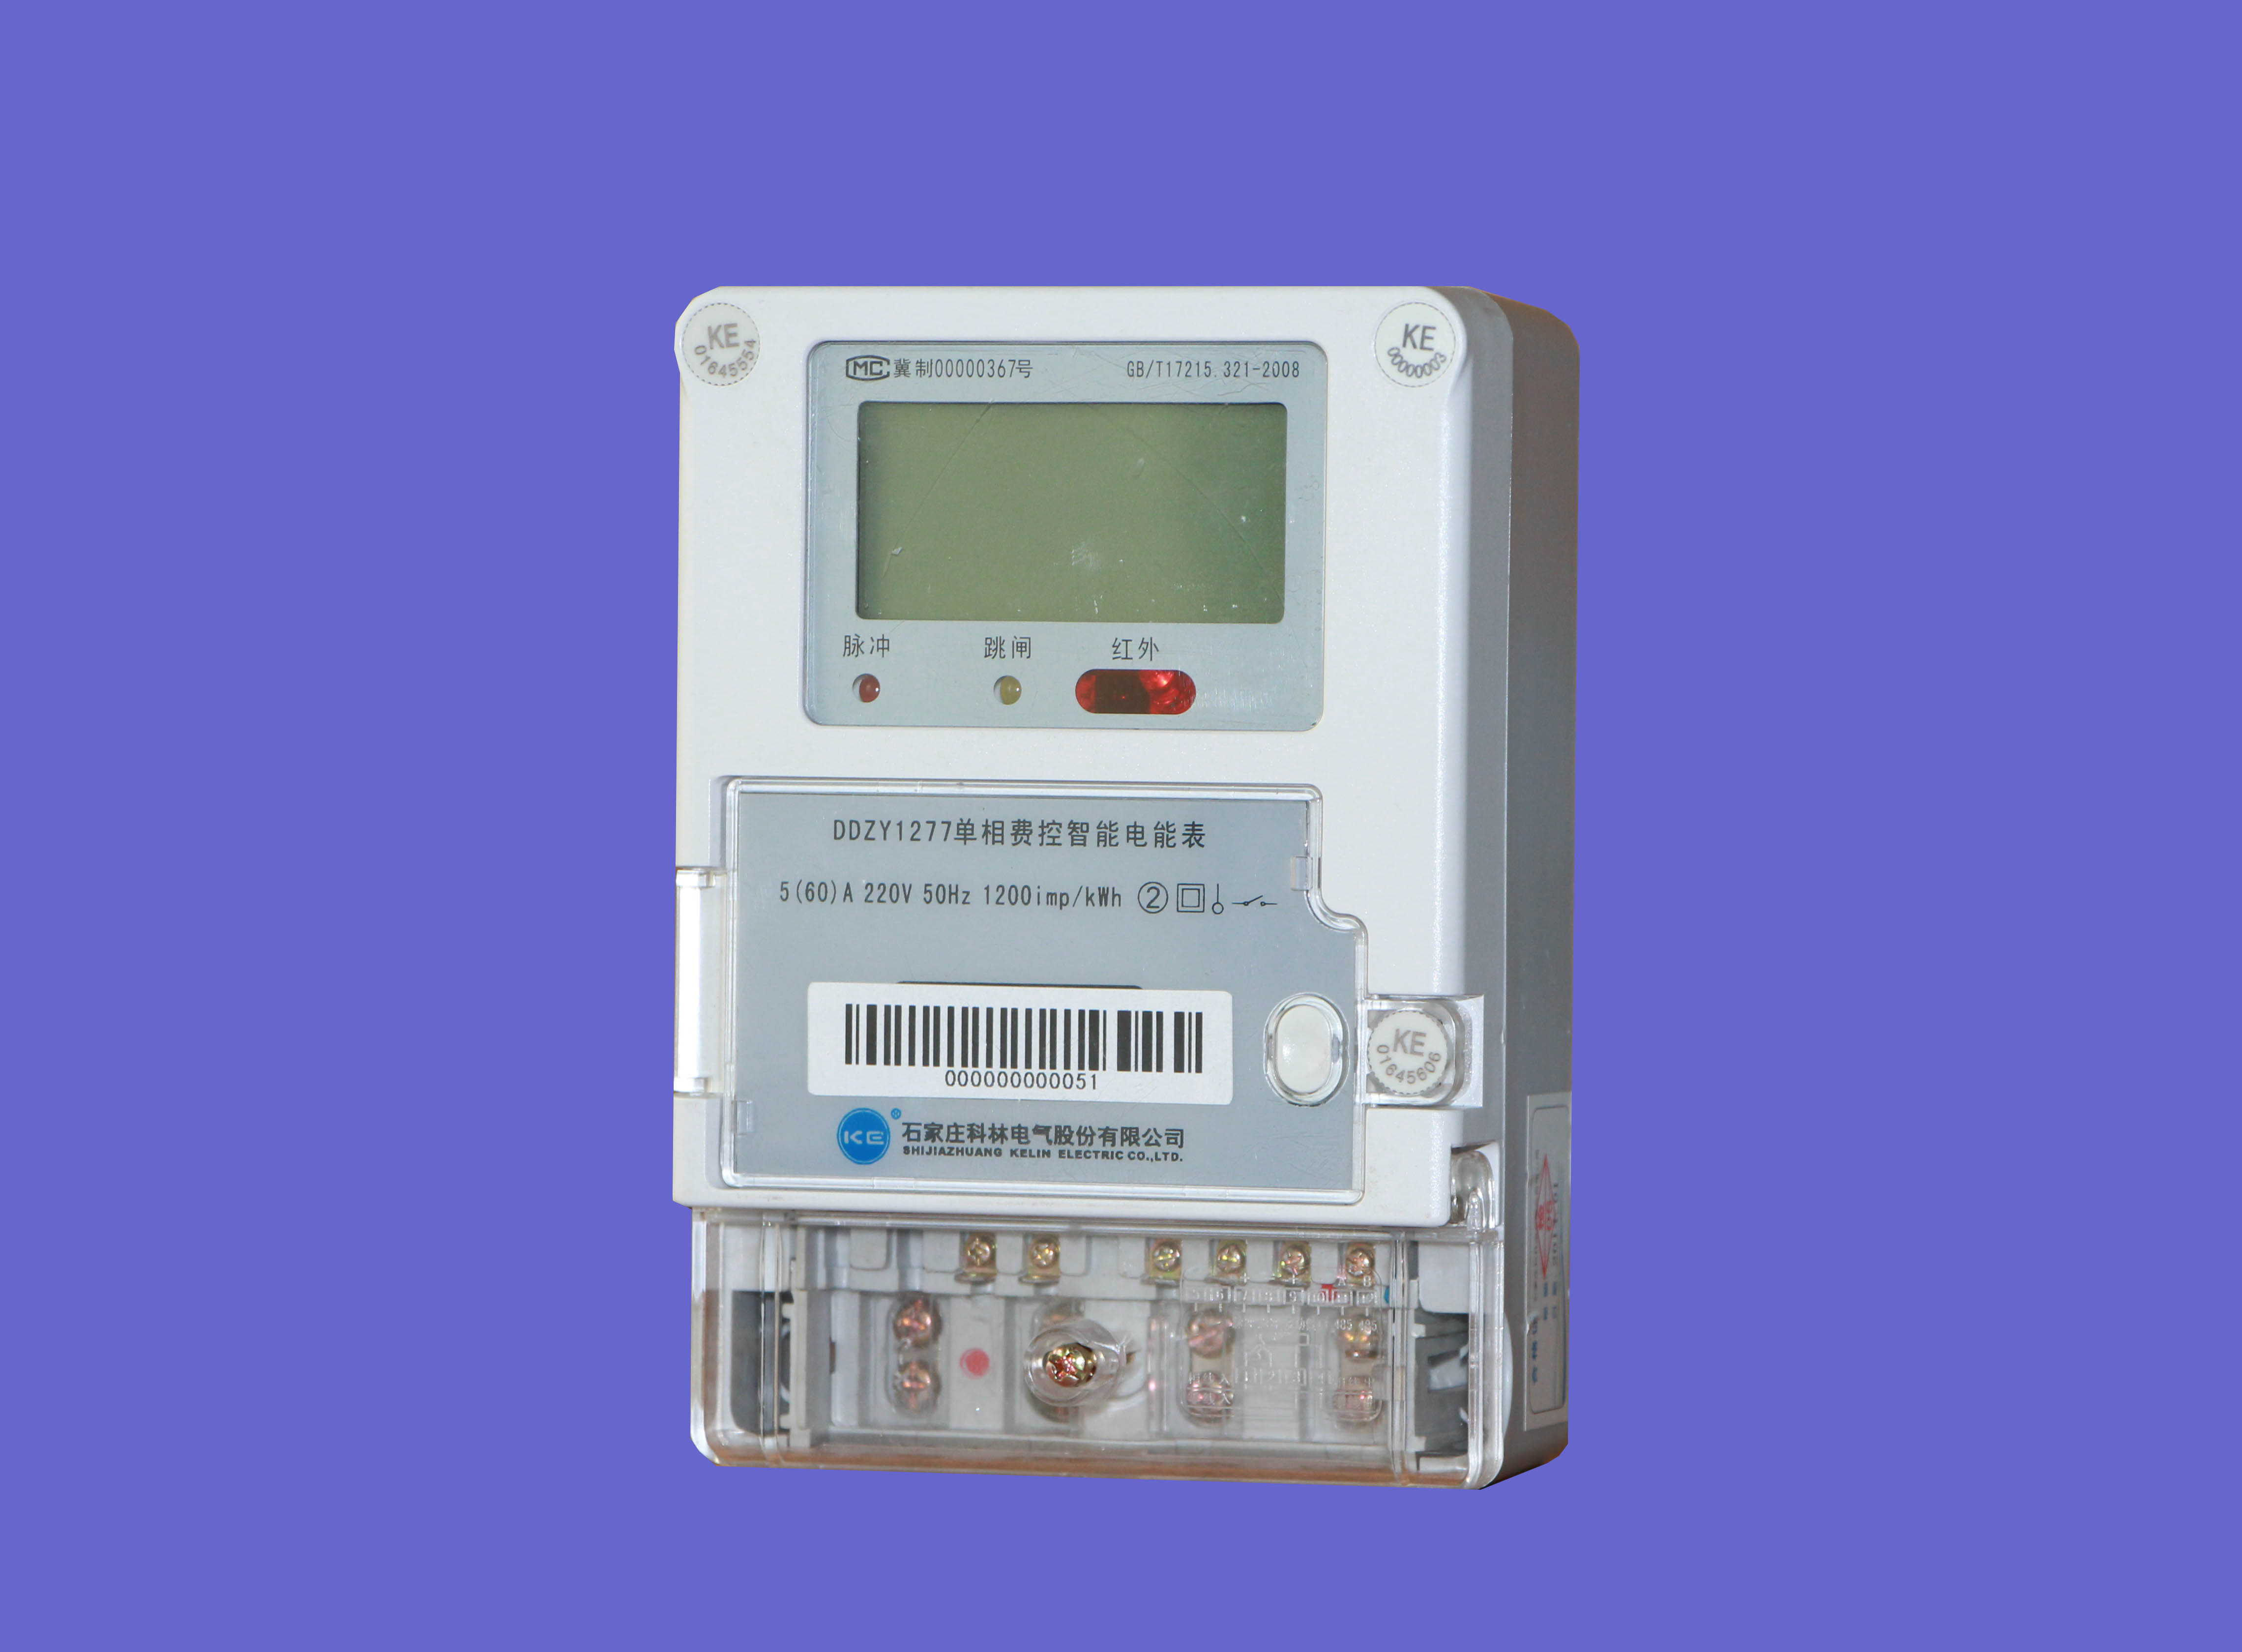 【产品名称】 DDZY1277型单相远程费控智能电能表 【产品概述】 DDZY1277型单相远程费控智能电能表是我公司自主研发的智能型高科技电能计量产品,它采用了先进微电子技术及SMT生产工艺制造,完全符合国网标准的智能电能表技术、功能、形式规范,具备执行分时或阶梯计费功能,适用于通过485组网进行远程抄表、远程费控的居民用户。